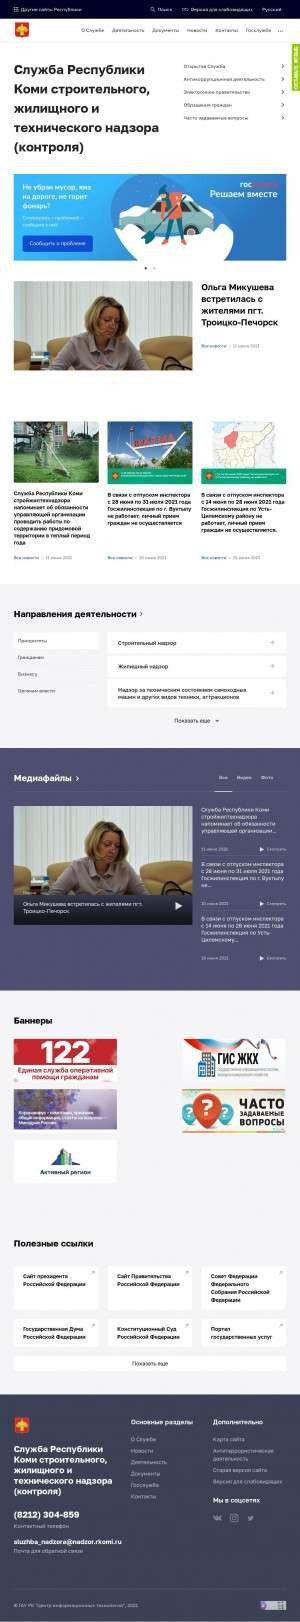 Предпросмотр для gjirk.rkomi.ru — Государственная жилищная инспекция Республики Коми по г. Вуктылу